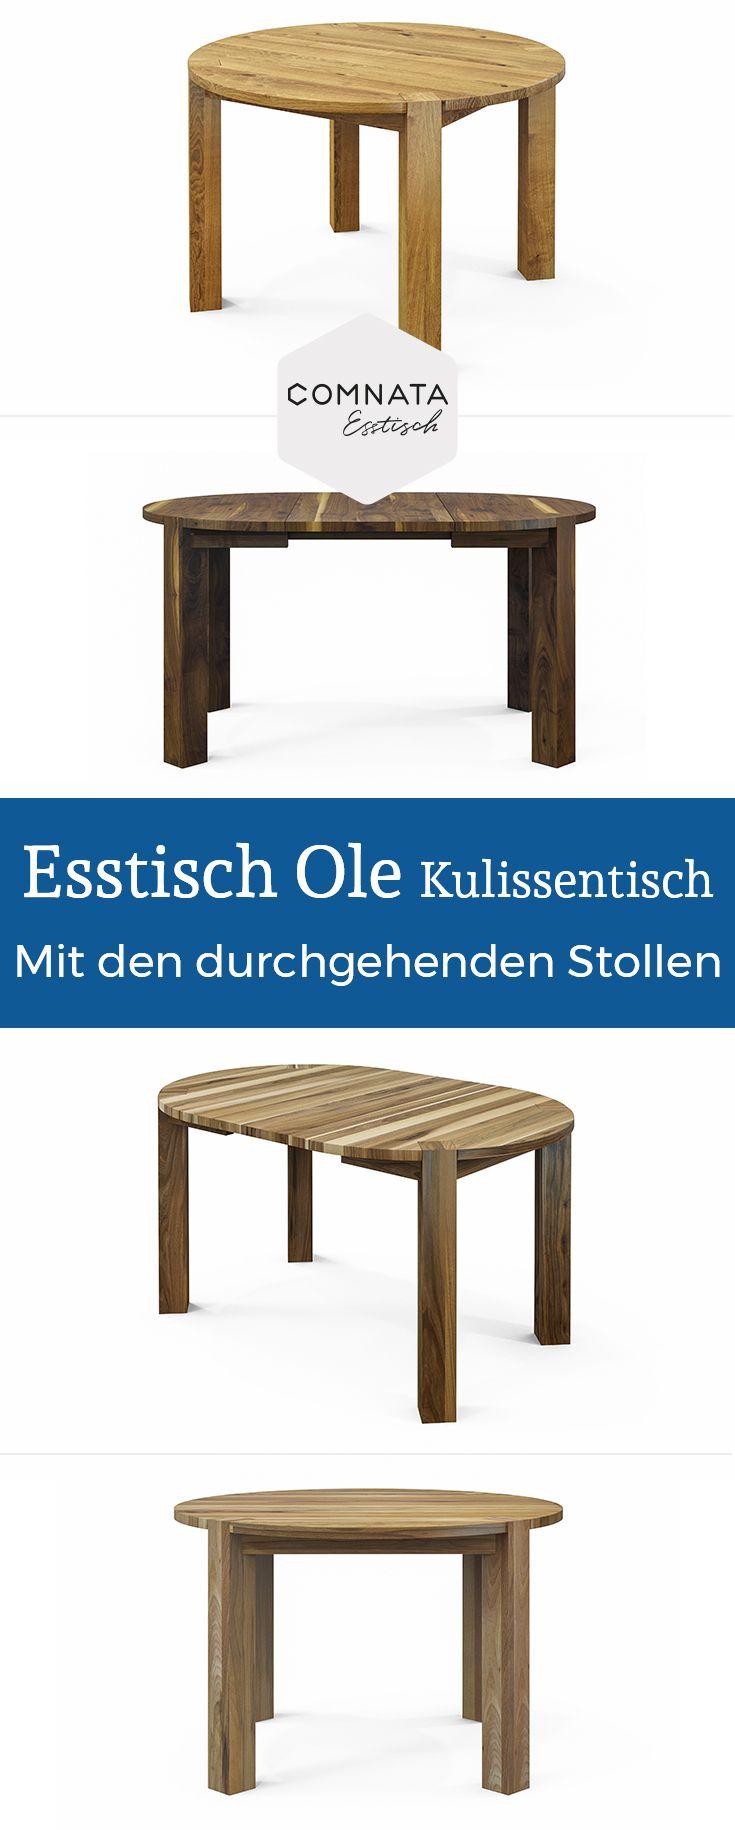 Esstisch Ole Kulissentisch aus Massivholz   Bei COMNATA